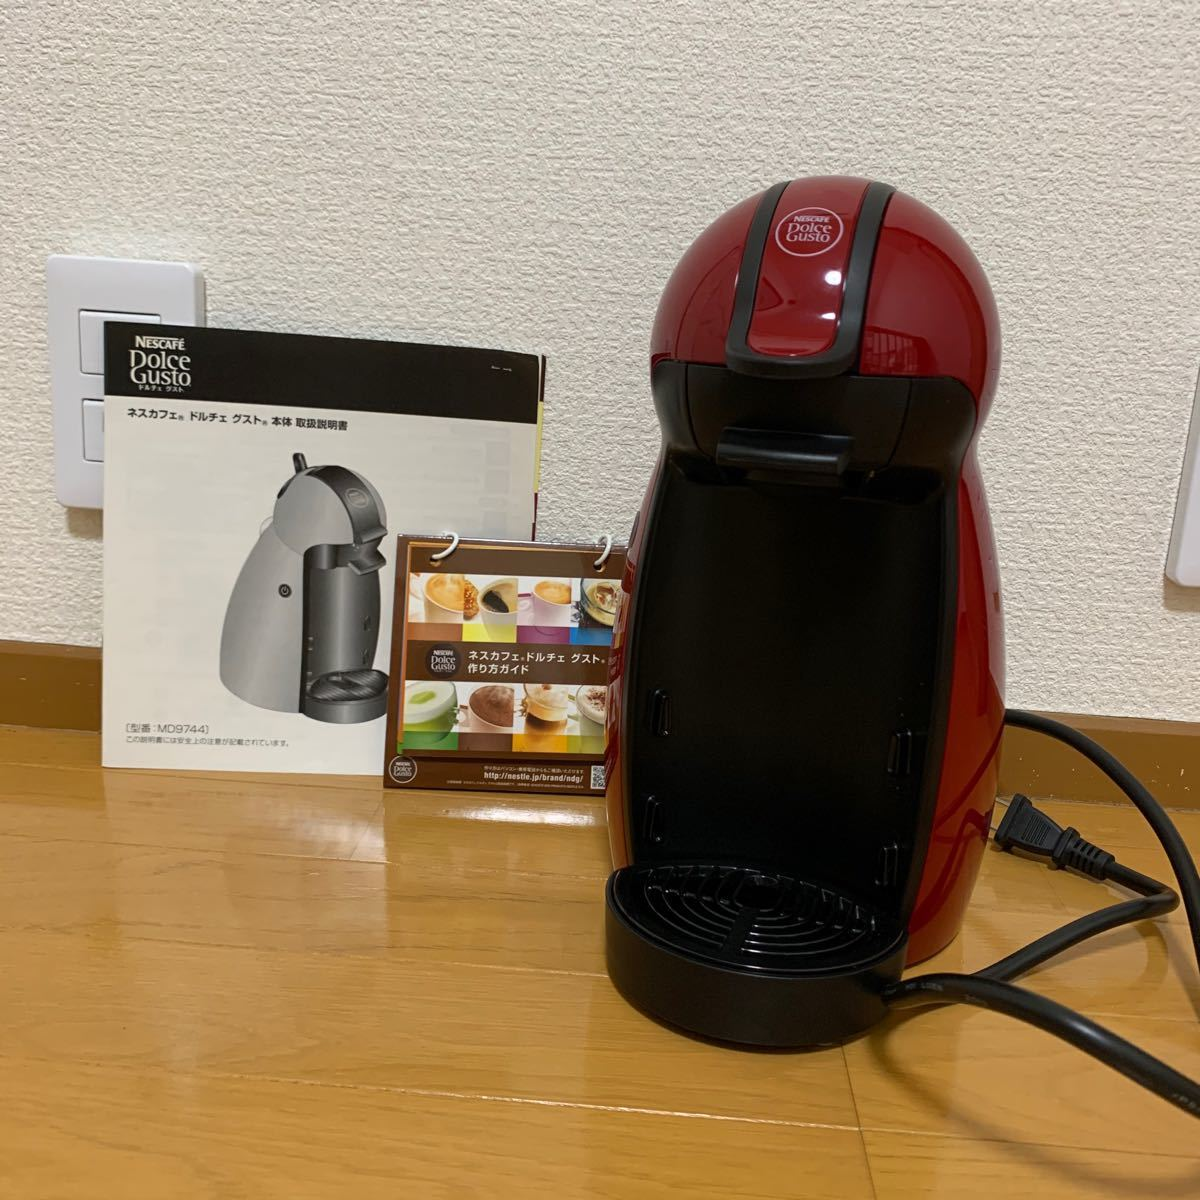 ネスカフェ ドルチェグスト コーヒーメーカー